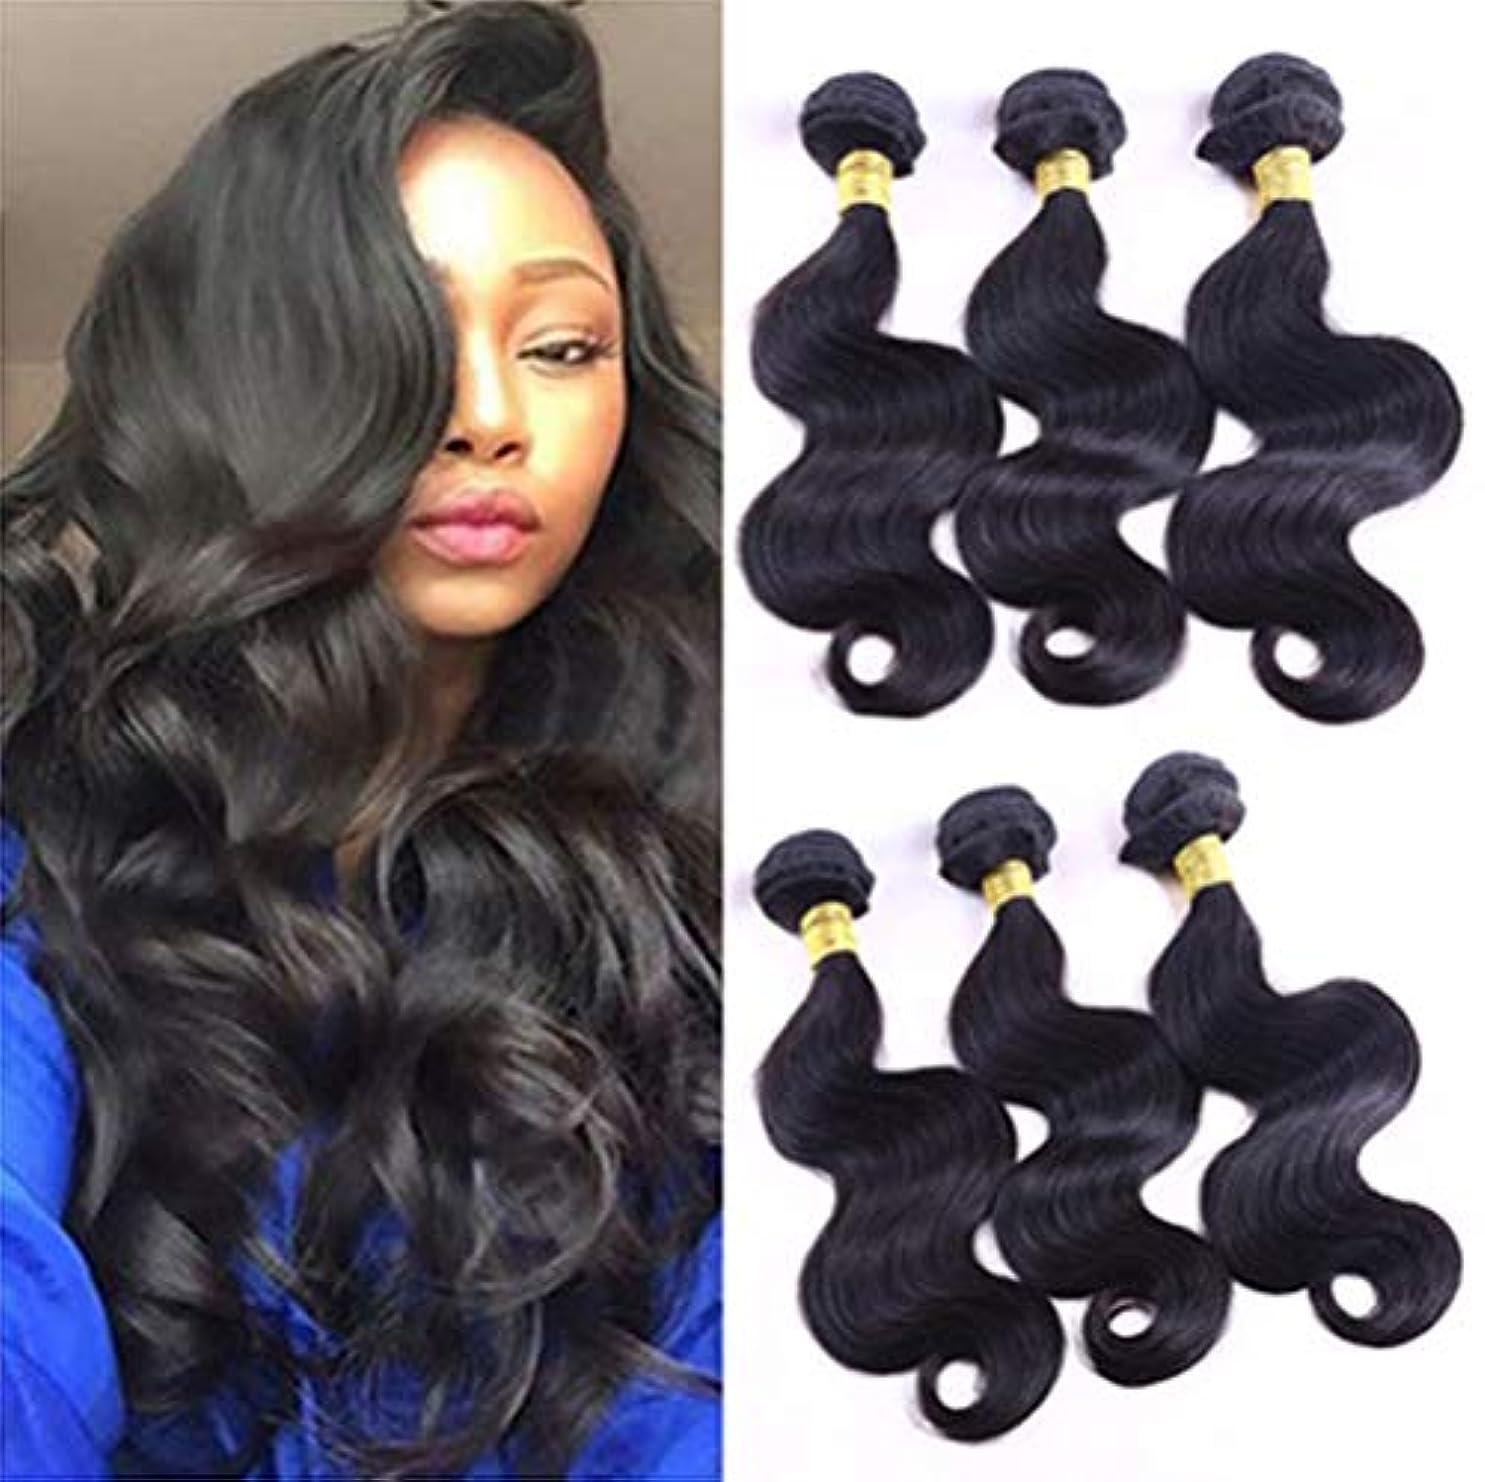 合併症歩く賢明な女性の髪織り密度150%ブラジル髪バンドル実体波バージンヘアバンドル実体波人間の髪の毛